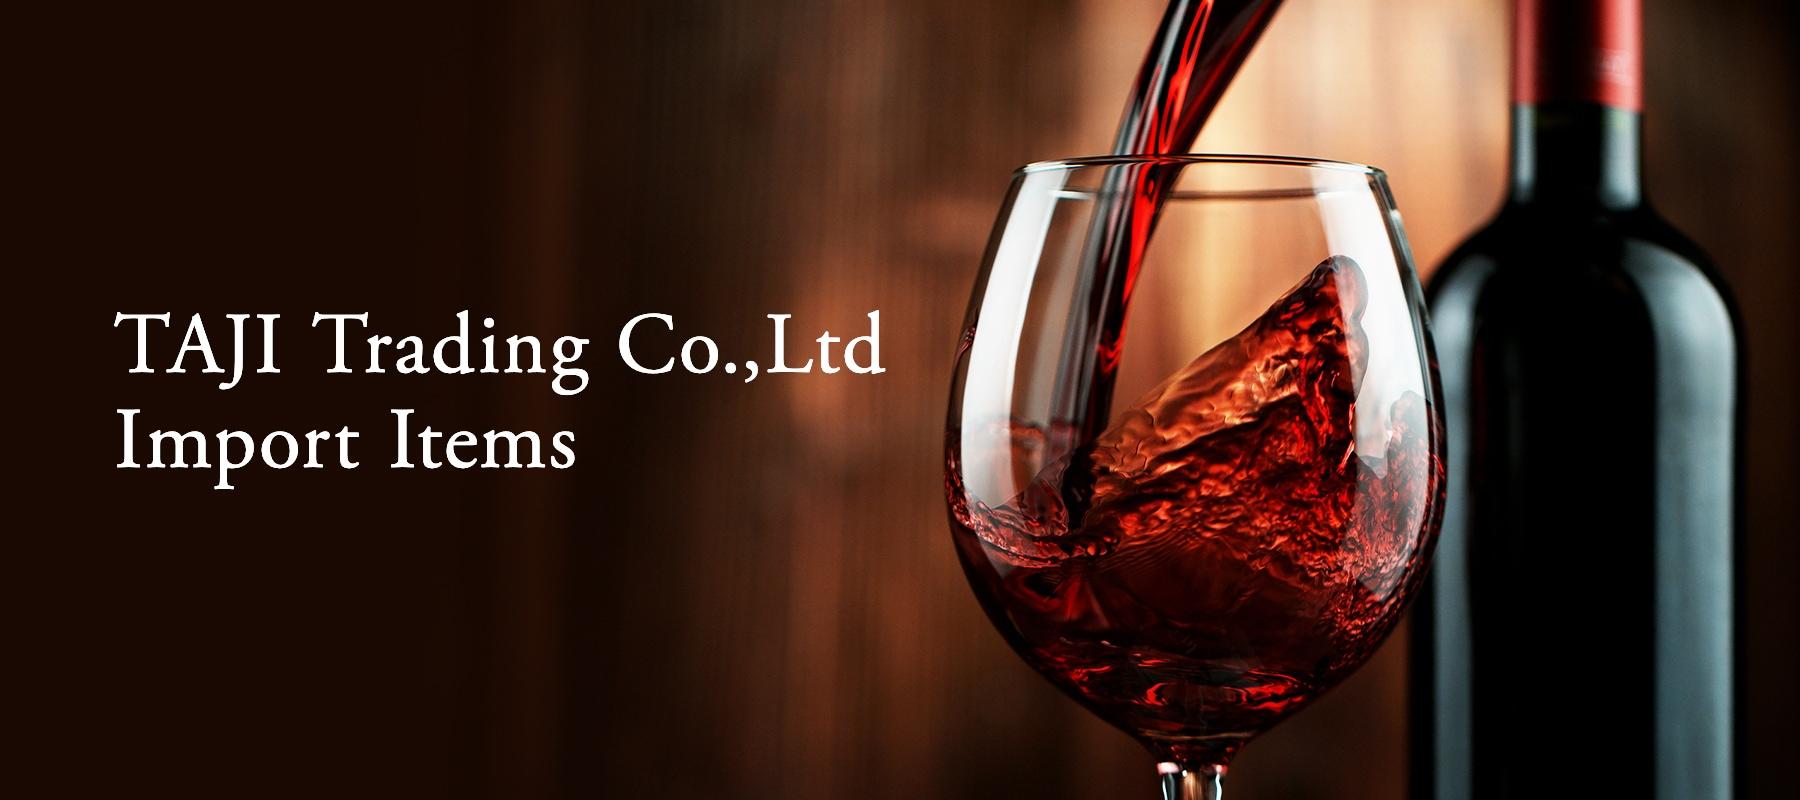 TAJI Trading Co.,Ltd Import Items